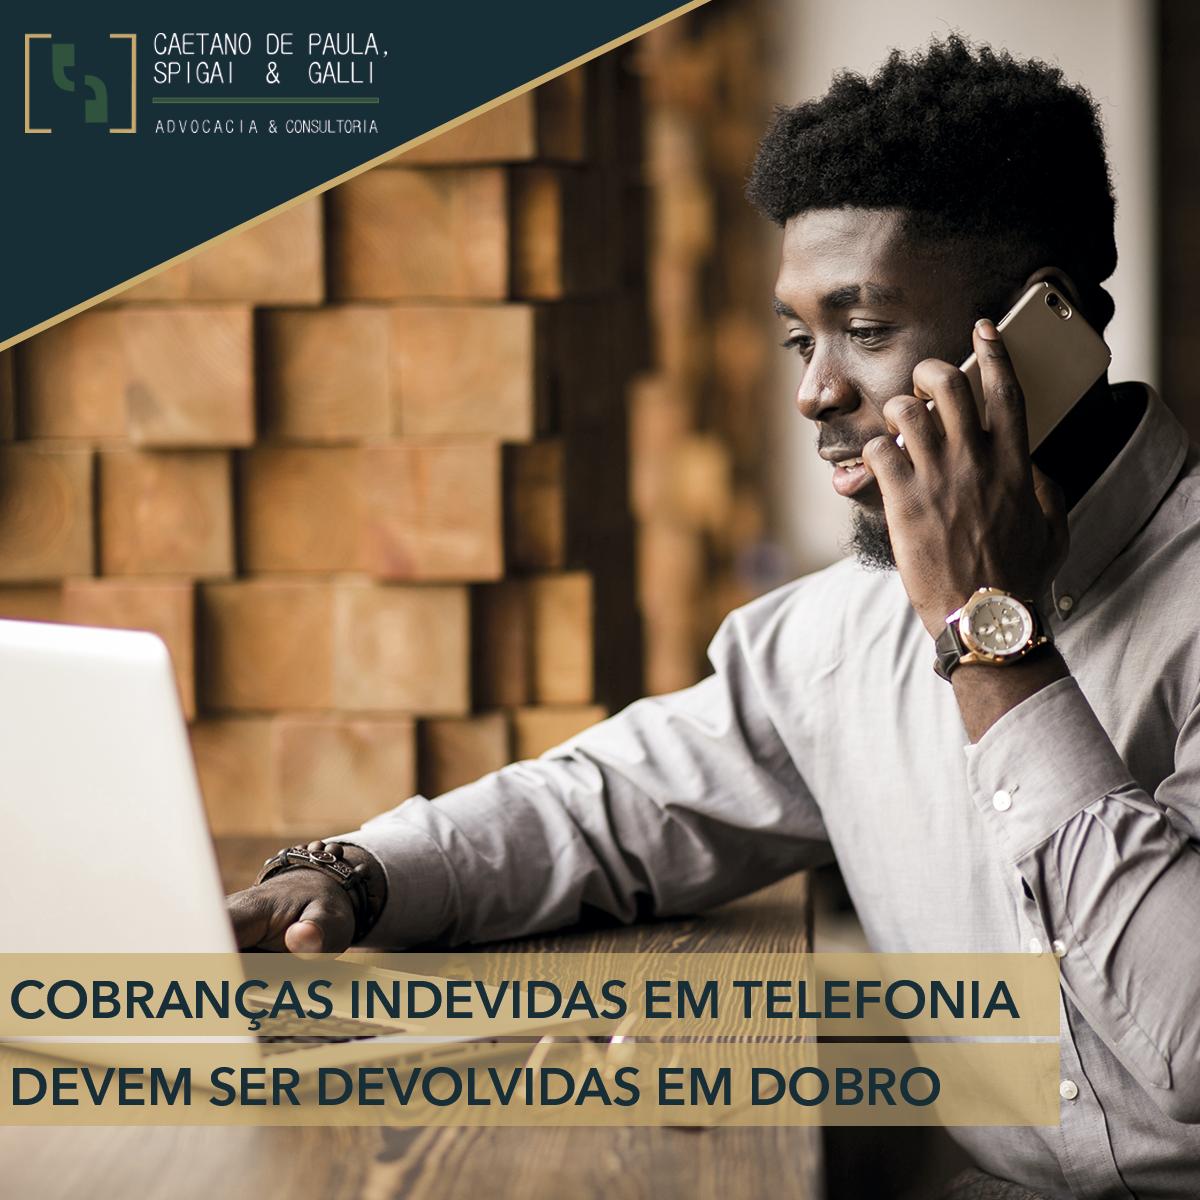 COBRANÇAS INDEVIDAS EM TELEFONIA DEVEM SER DEVOLVIDAS EM DOBRO